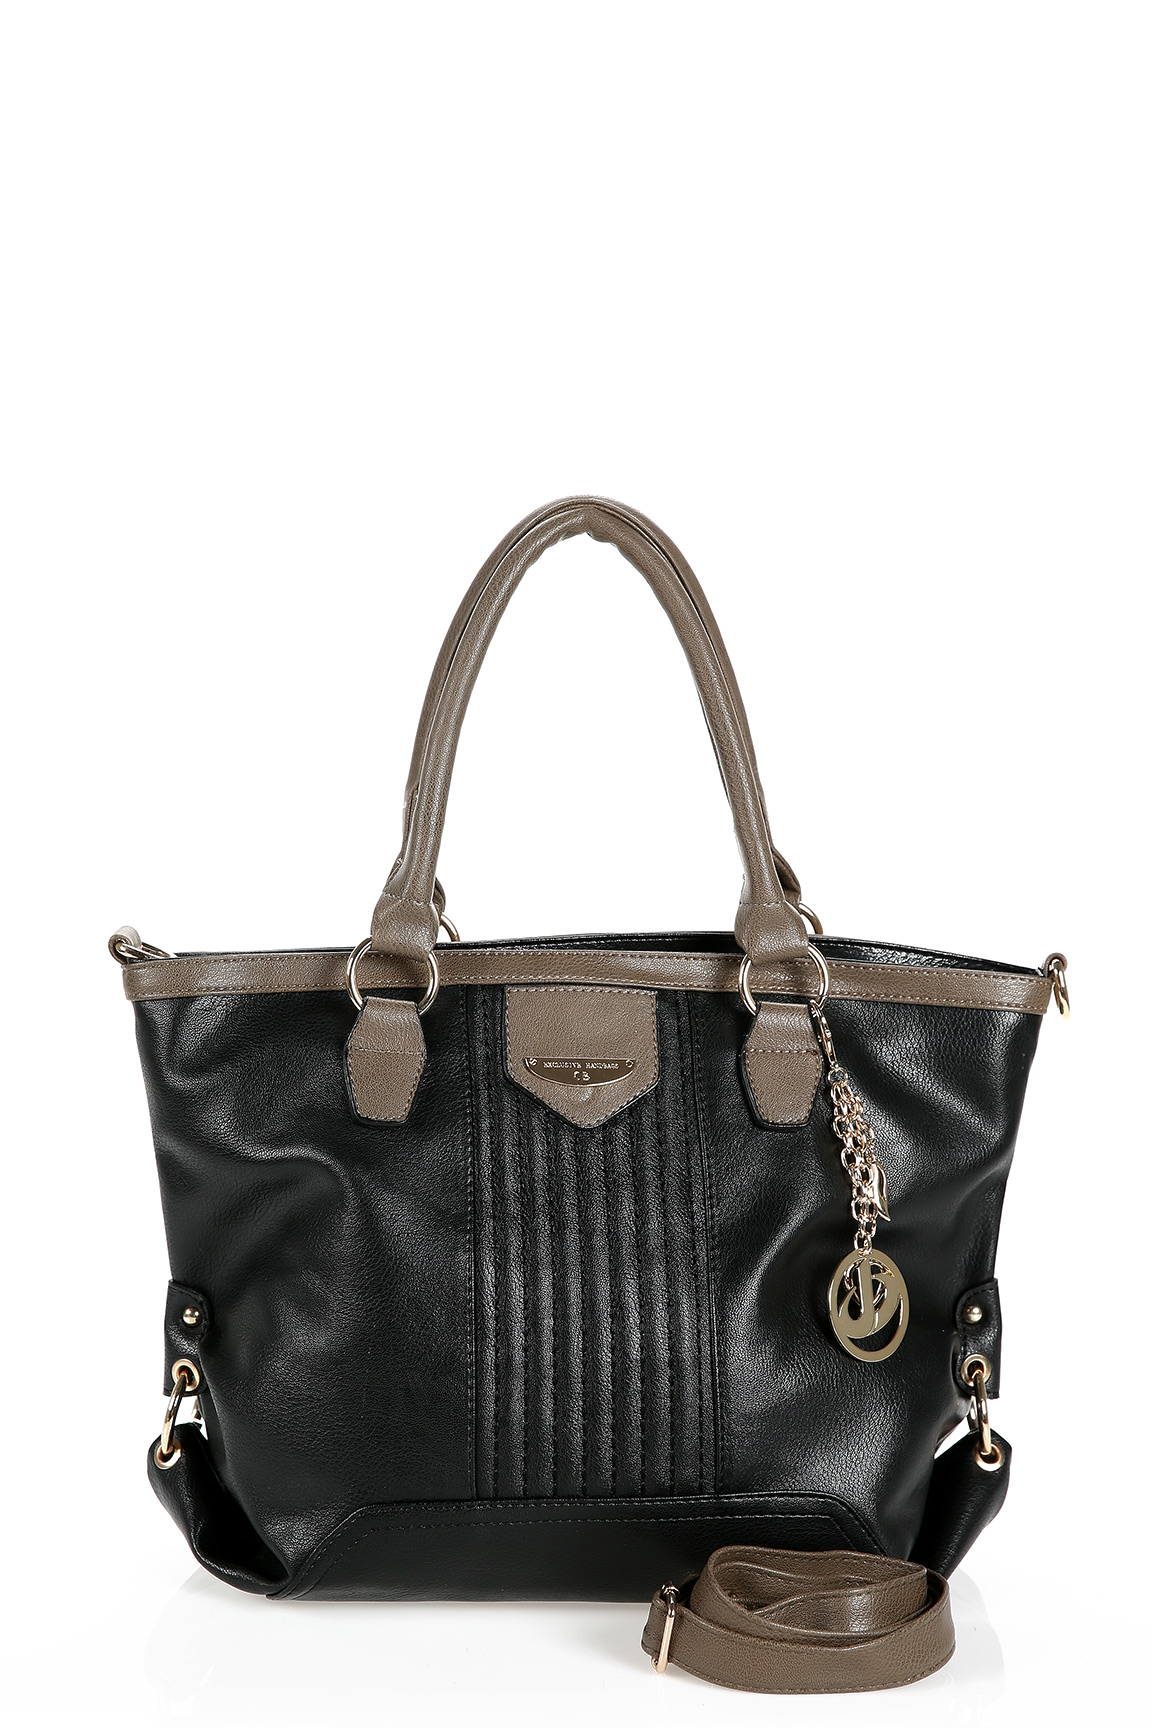 ee4ba8dee7ef9 siyah tozlu çanta modelleri - Gelinlik Modelleri